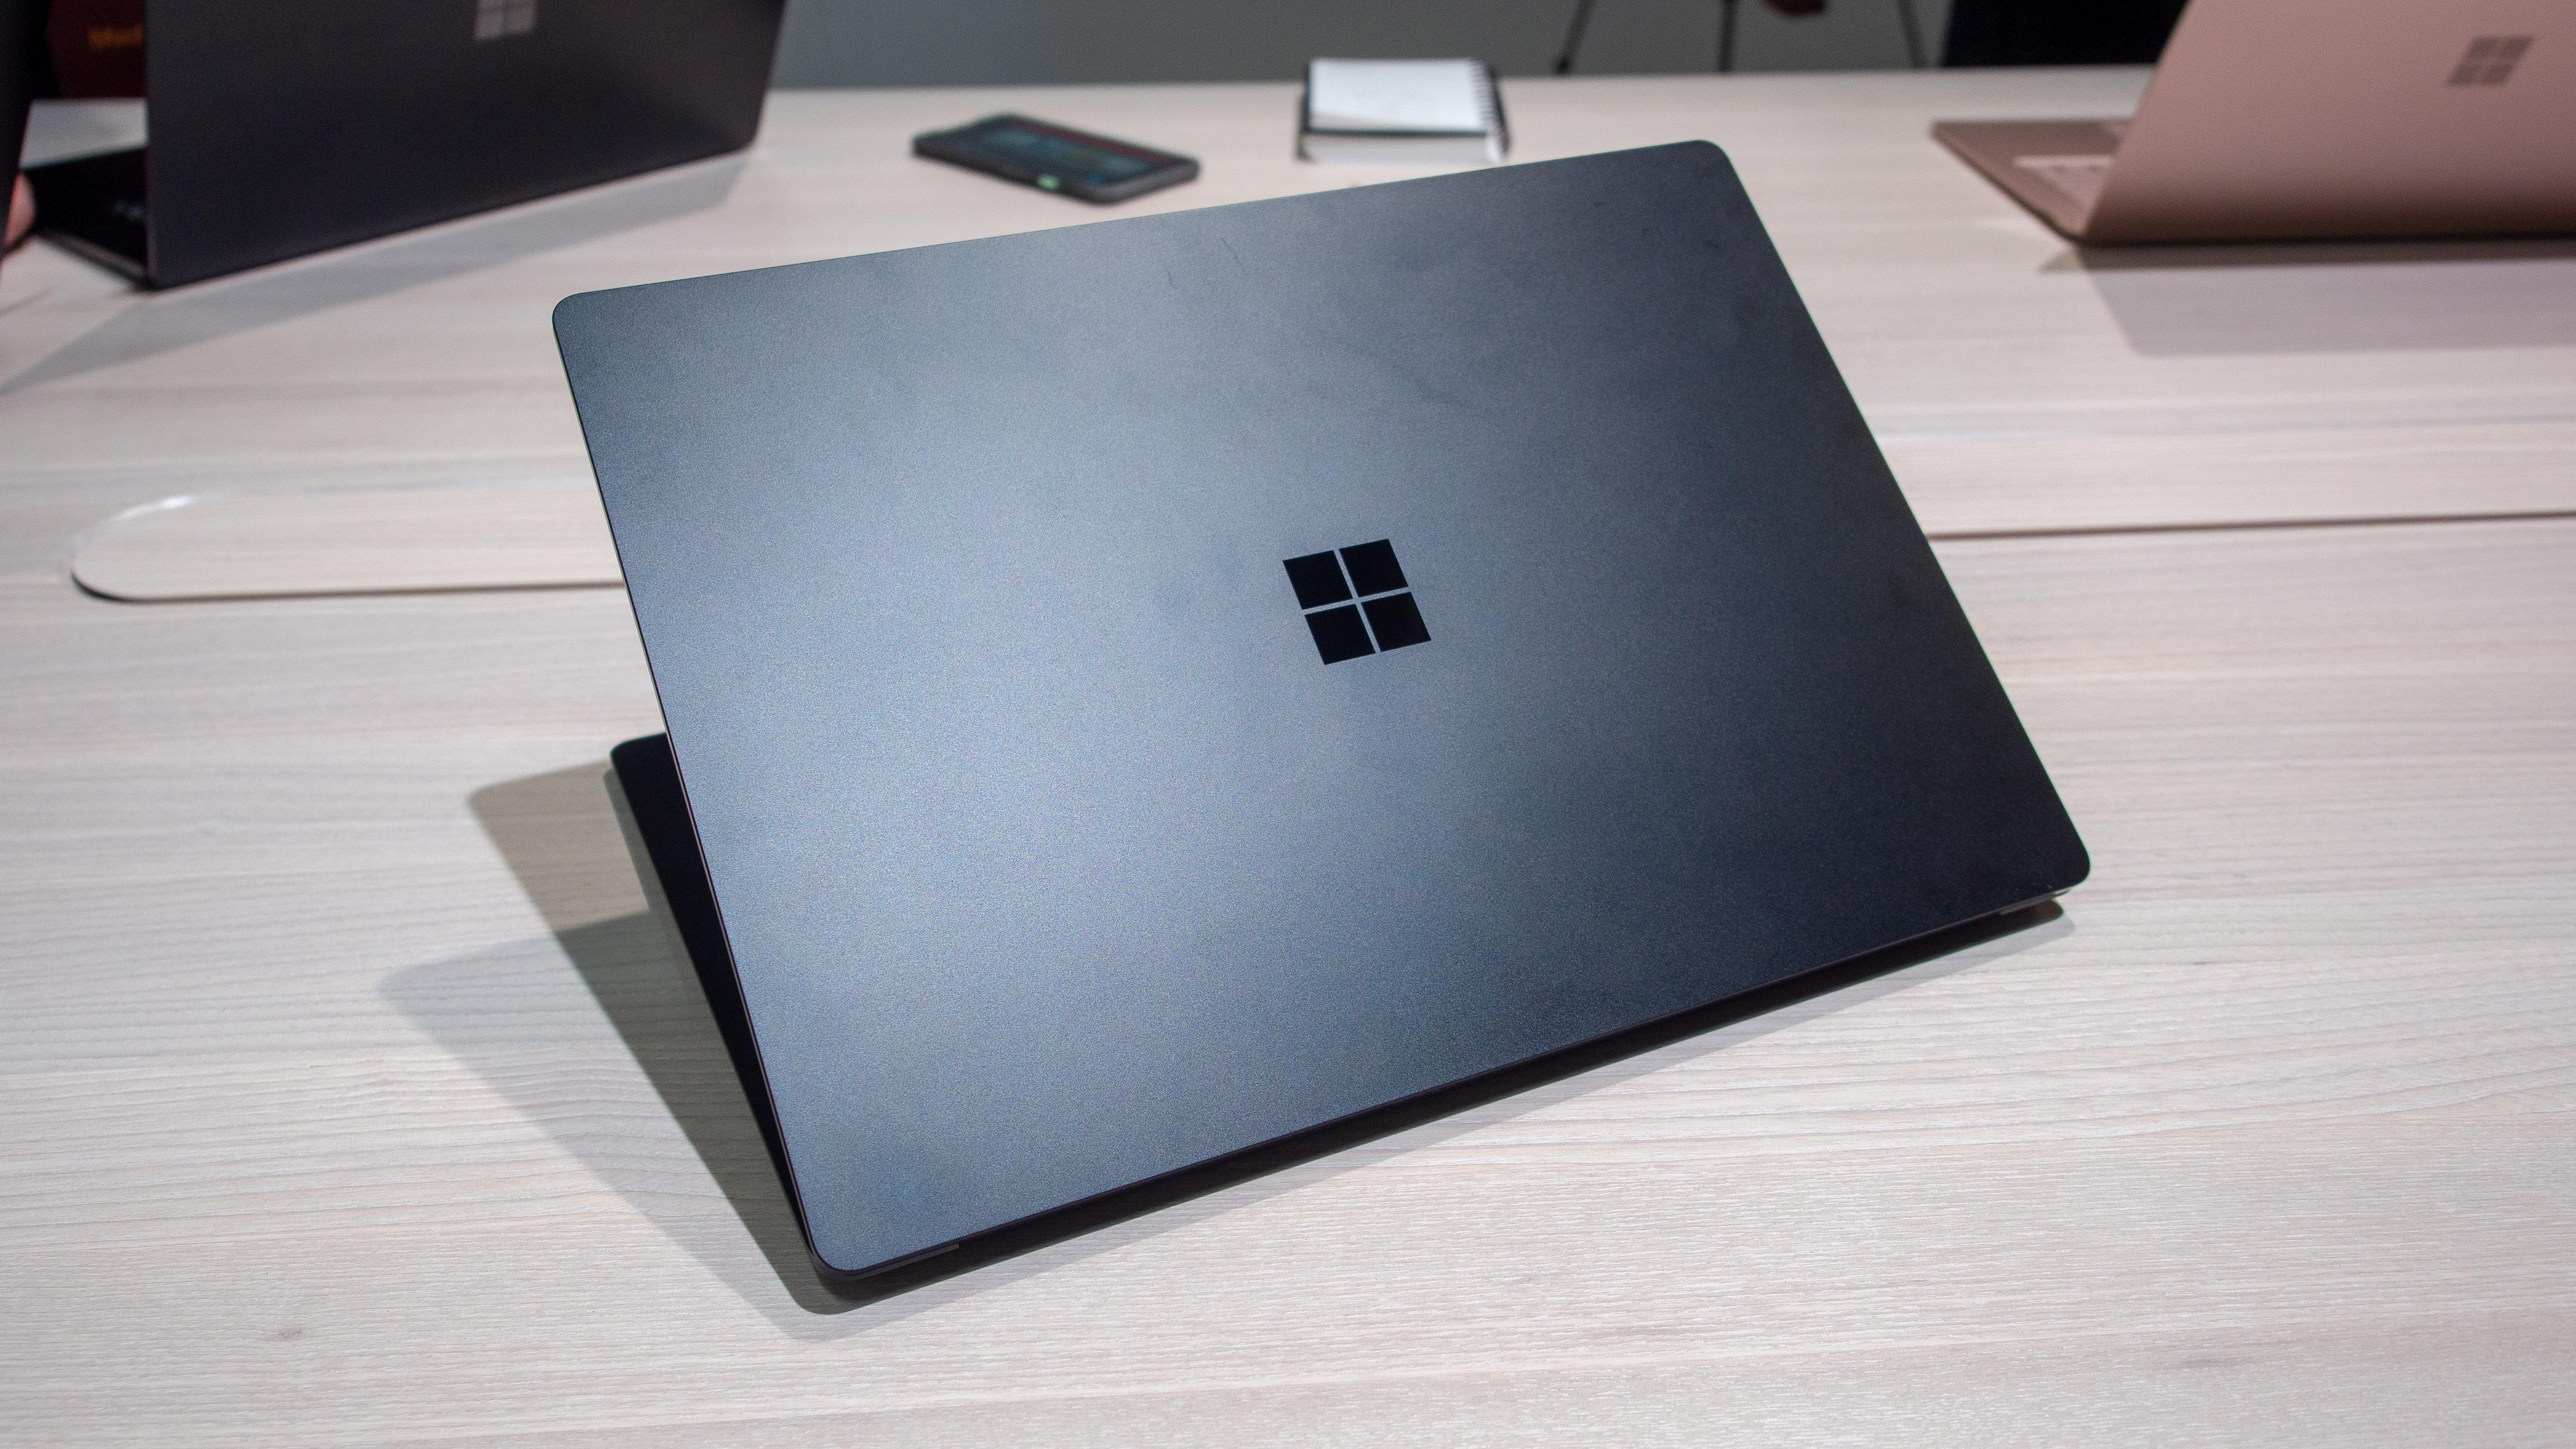 https://www.techradar.com/reviews/surface-laptop-4